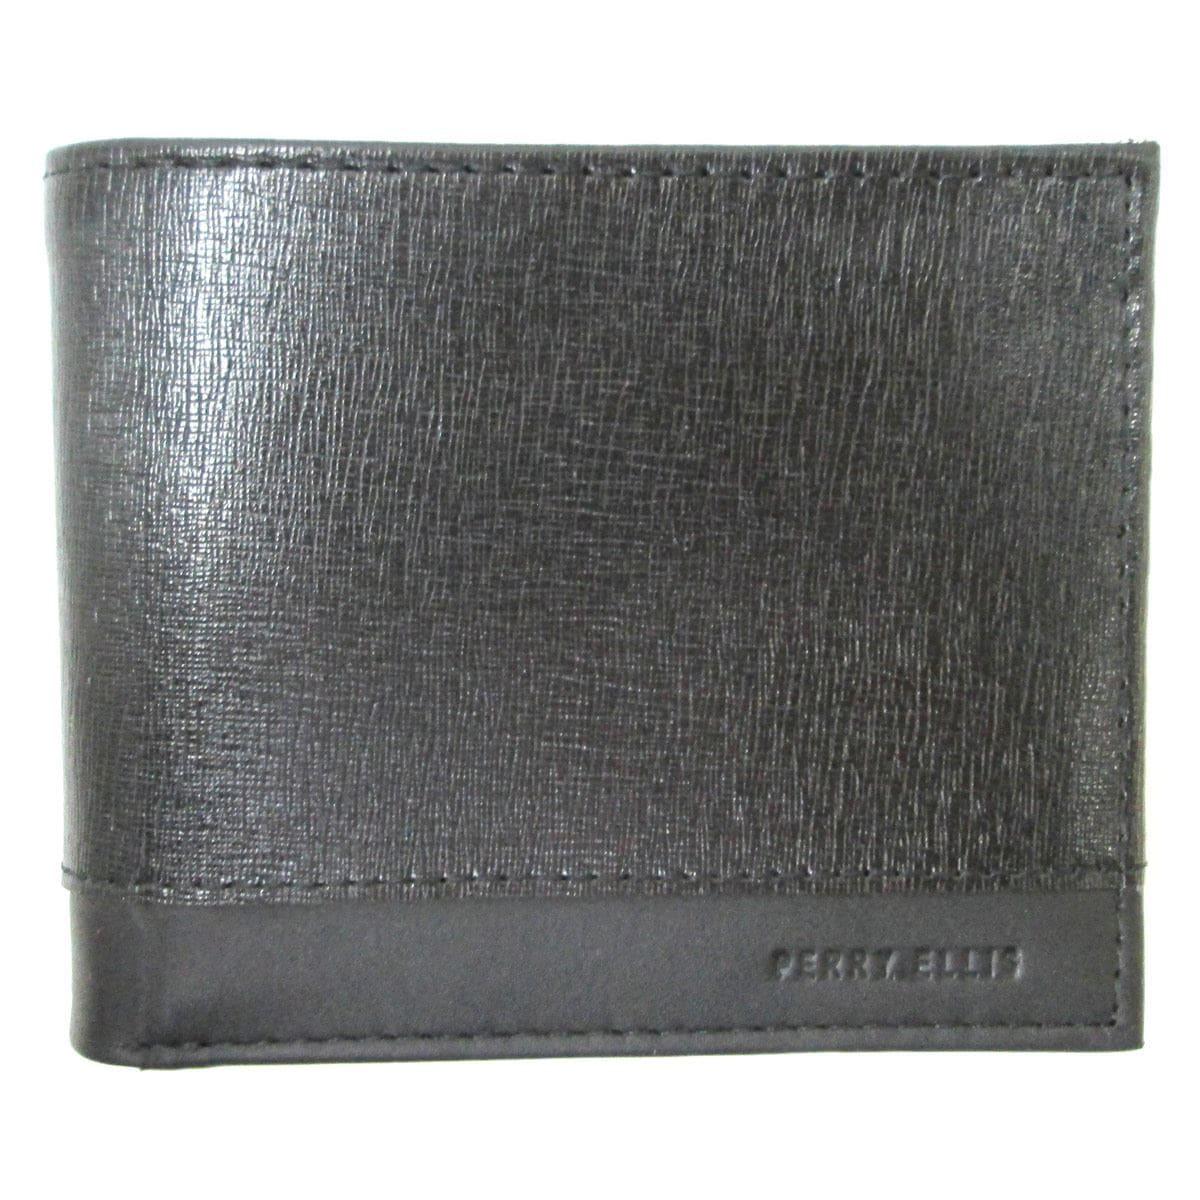 Billetera Negro L77-0130-1 Perry Ellis